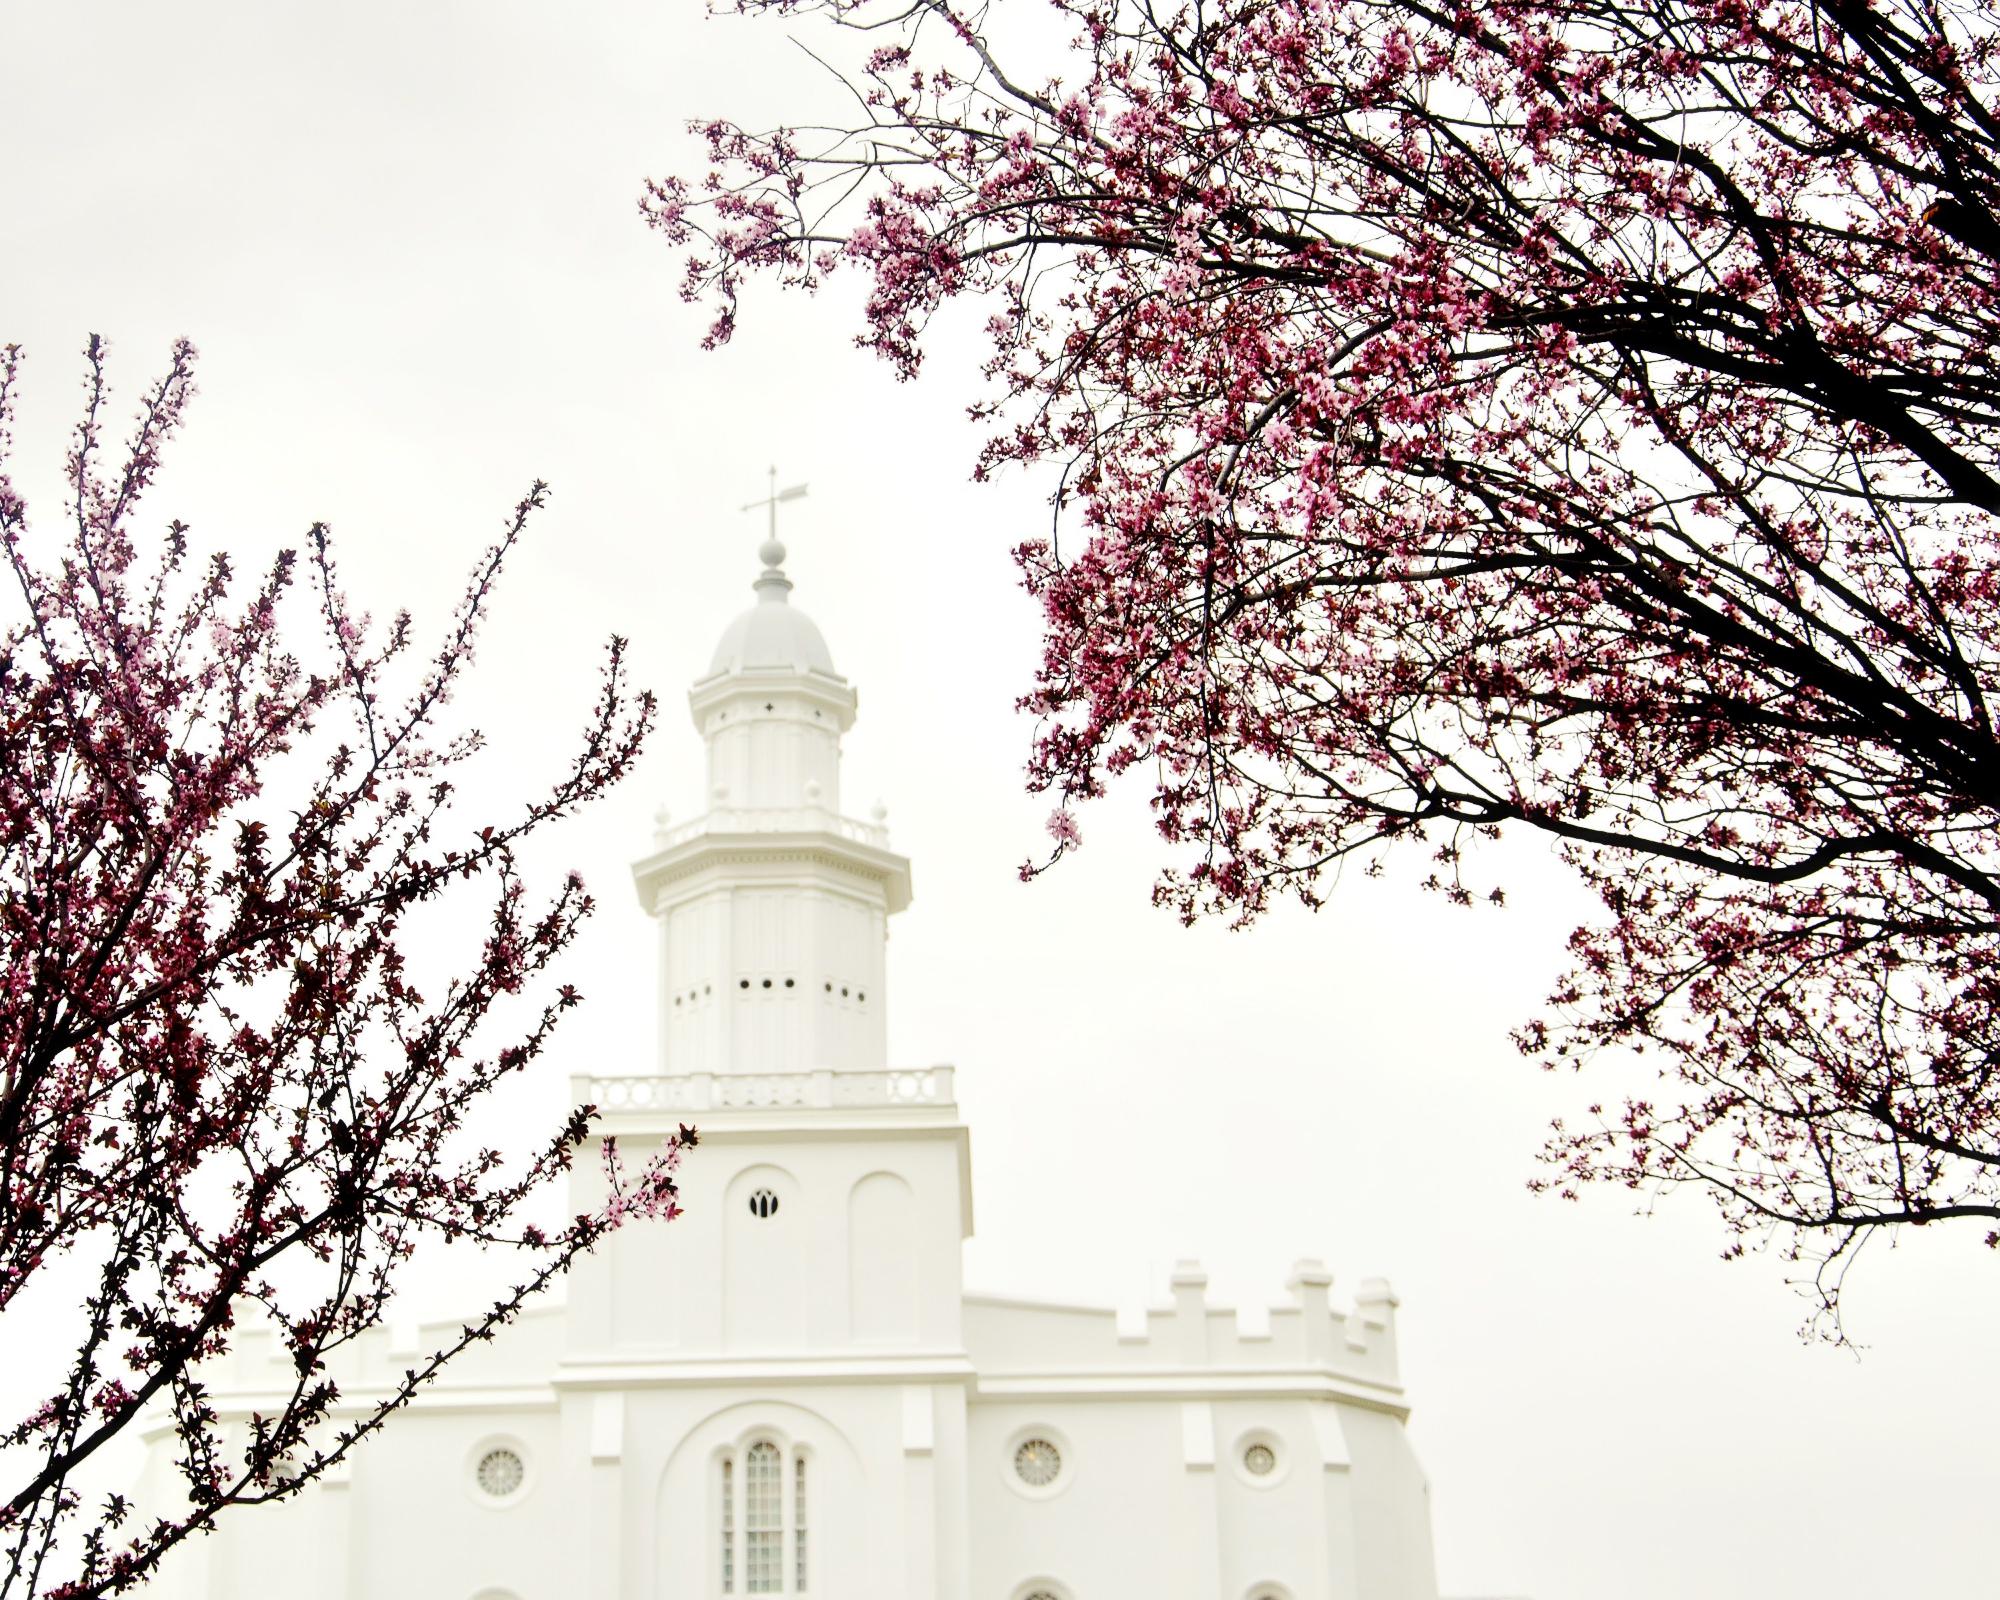 St. George Utah Temple in the Spring